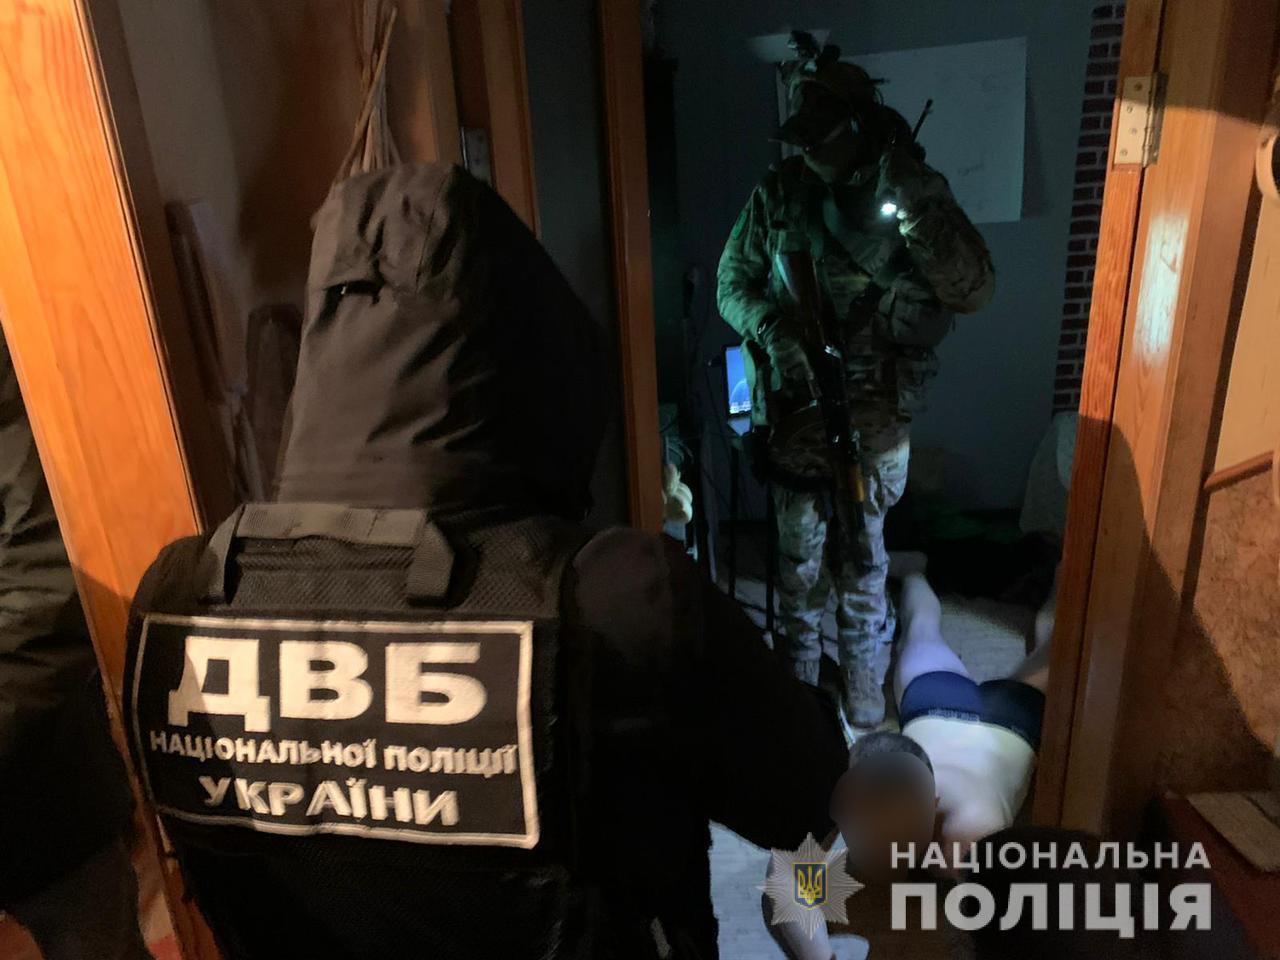 Правоохранители провели задержание харьковчанина